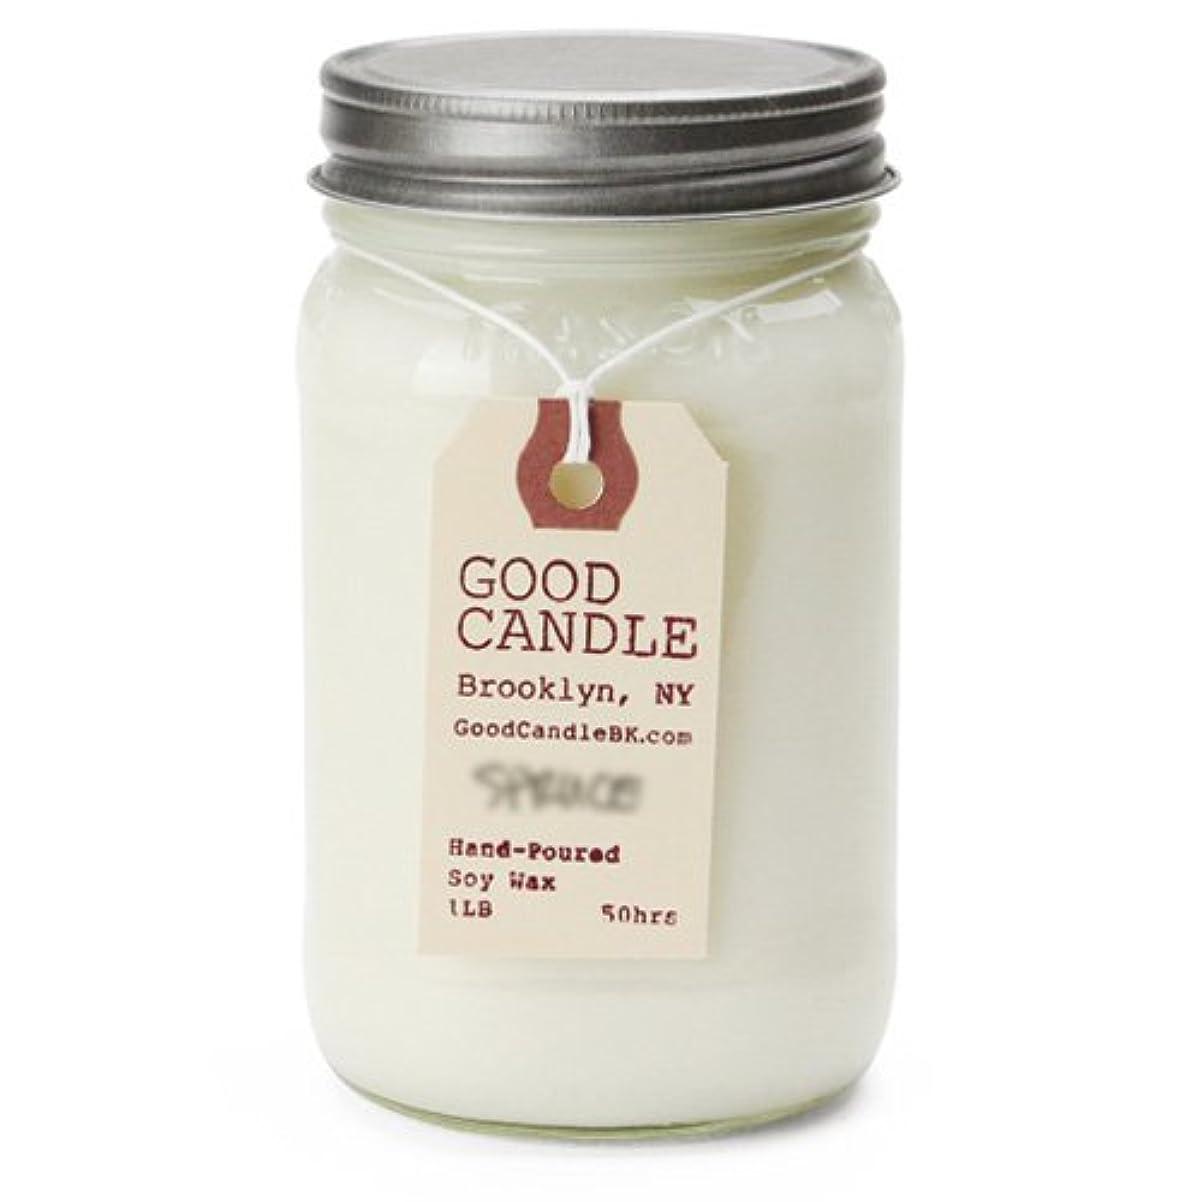 男警告する不幸グッドキャンドル 1ポンド メイソンジャー キャンドル Good Candle 1LB Mason jar candle [ Mimosa ] 正規品